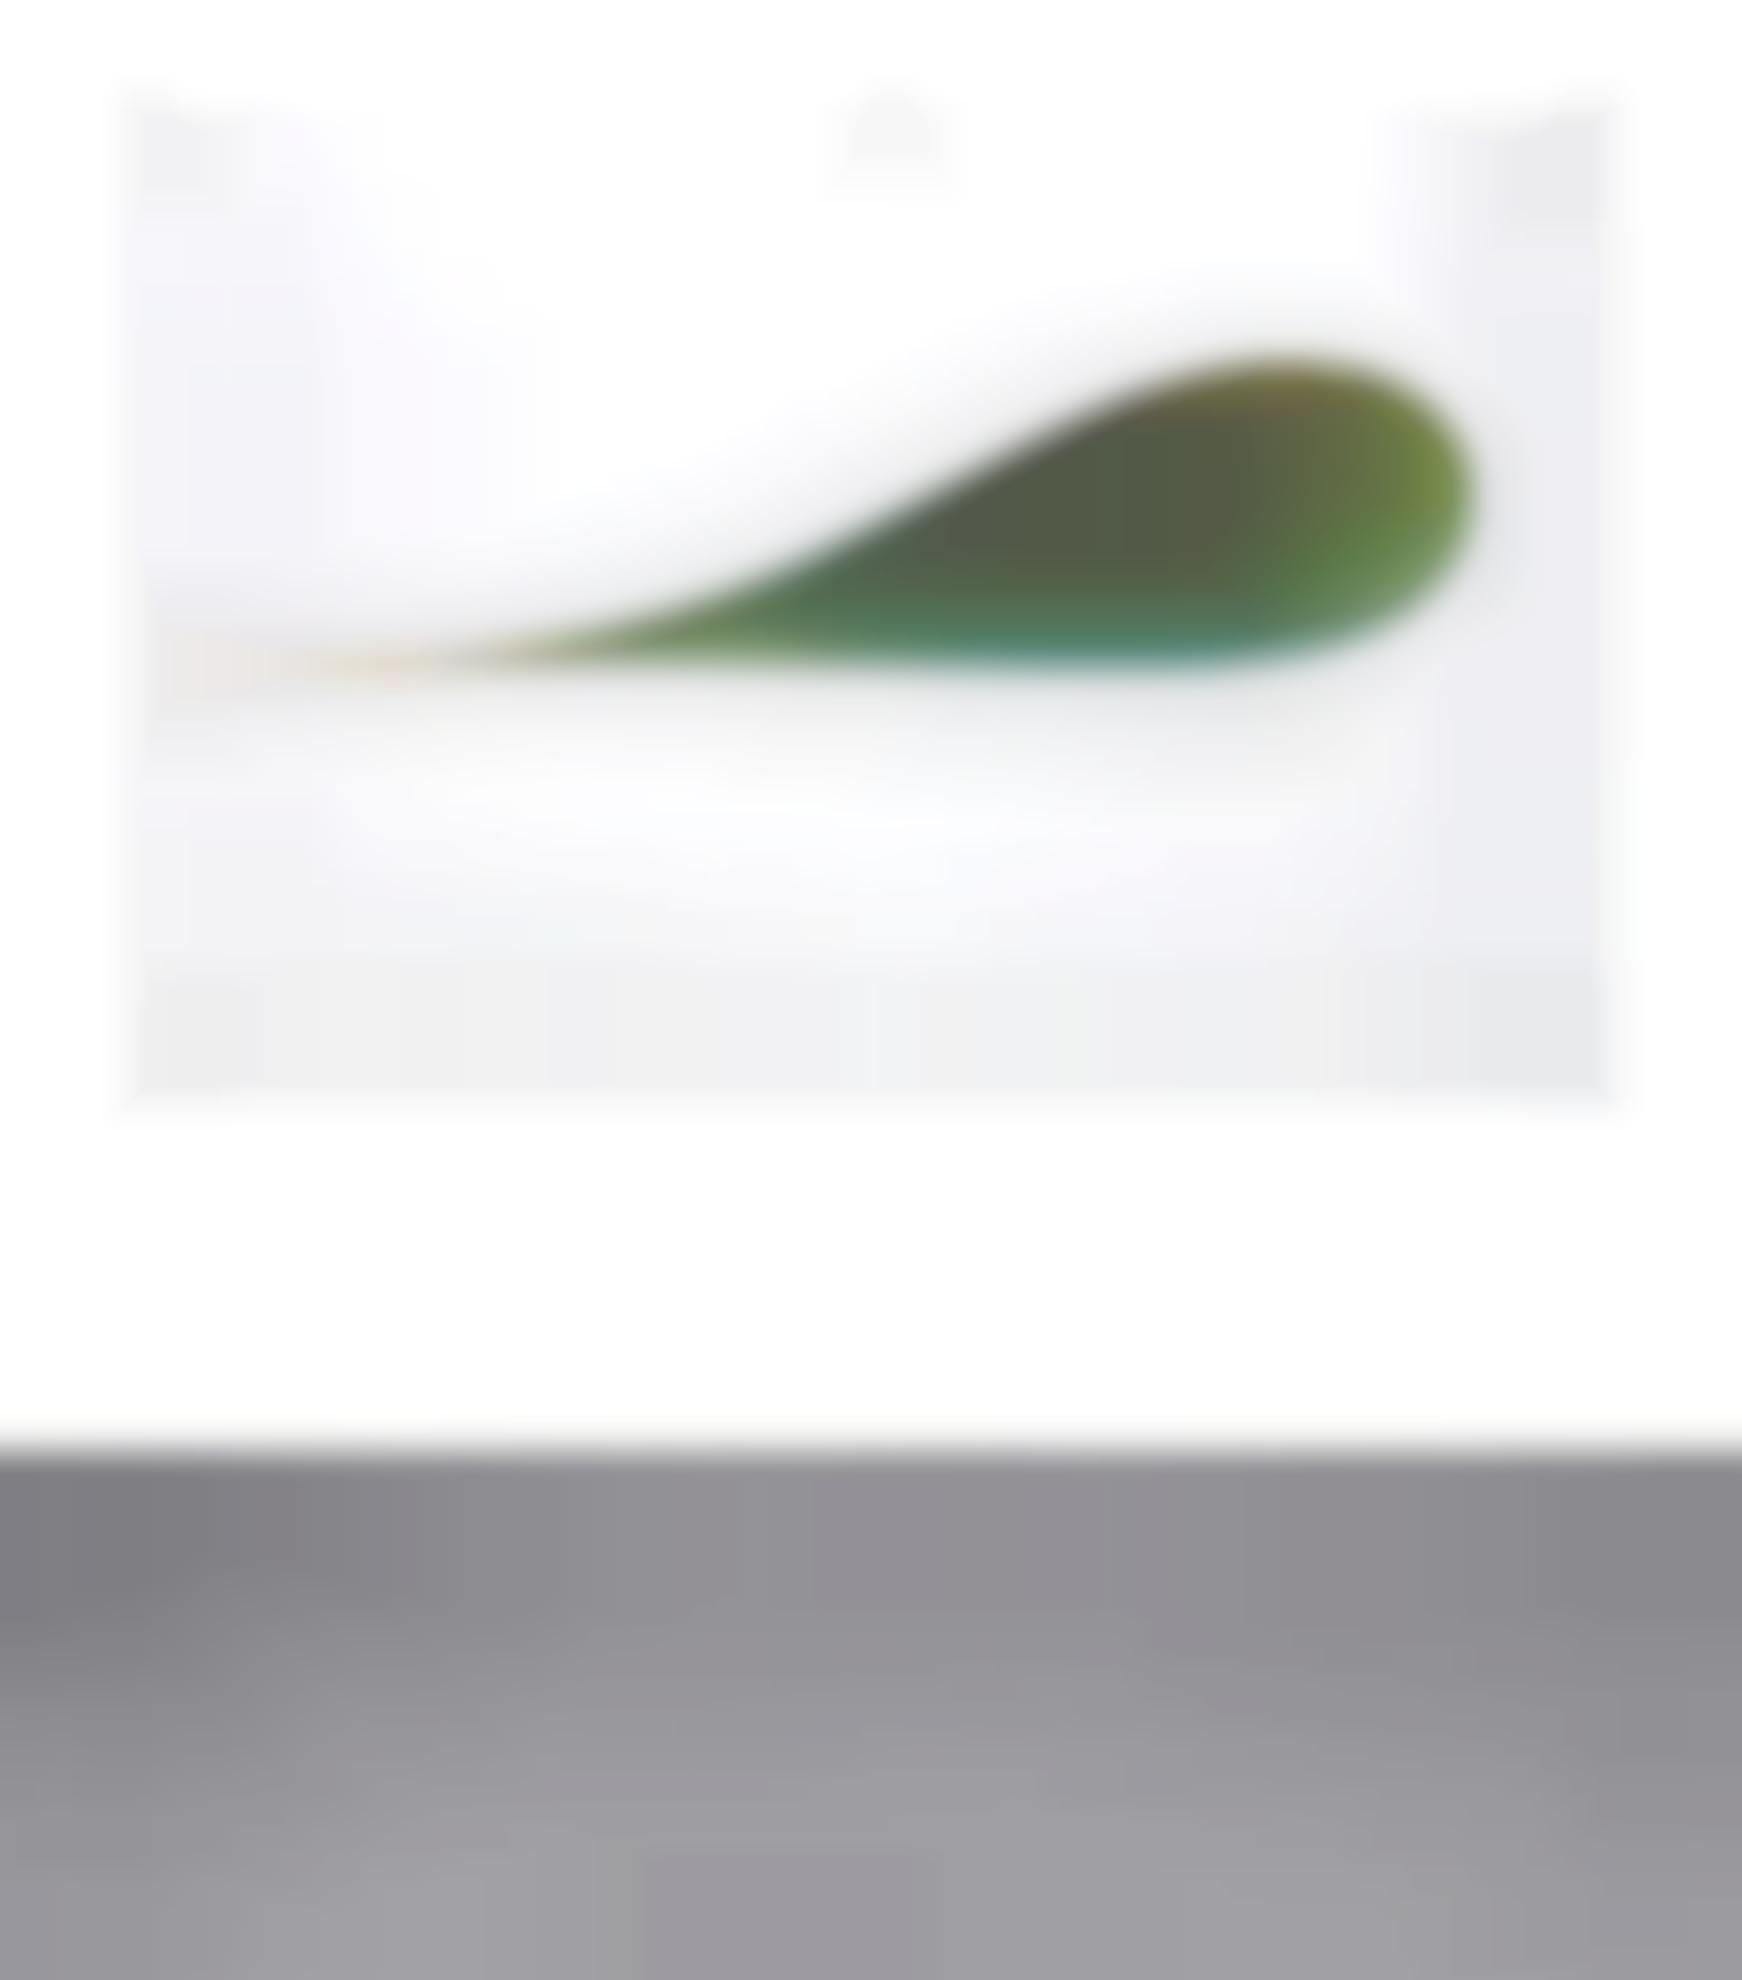 Wolfgang Tillmans-Paper Drop (Green) II-2011